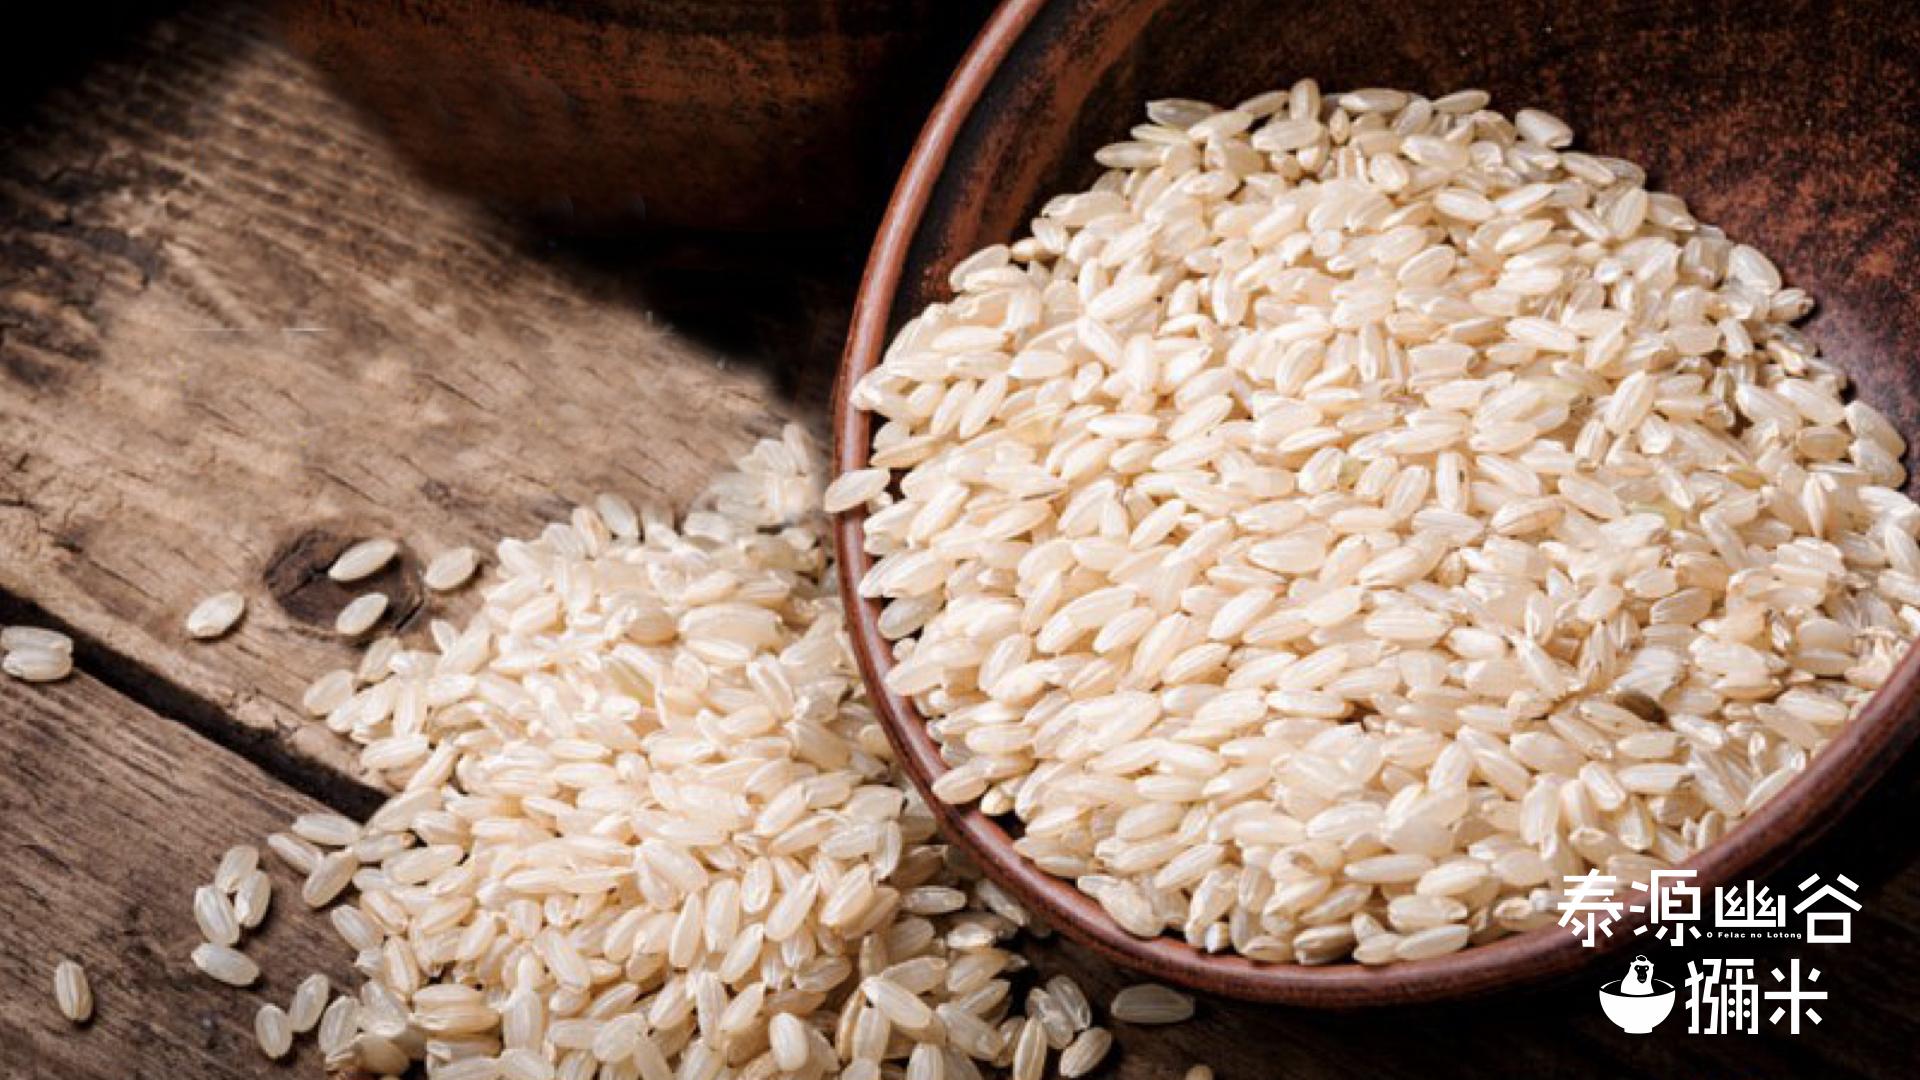 獼米LOGO與一碗傾倒的糙米